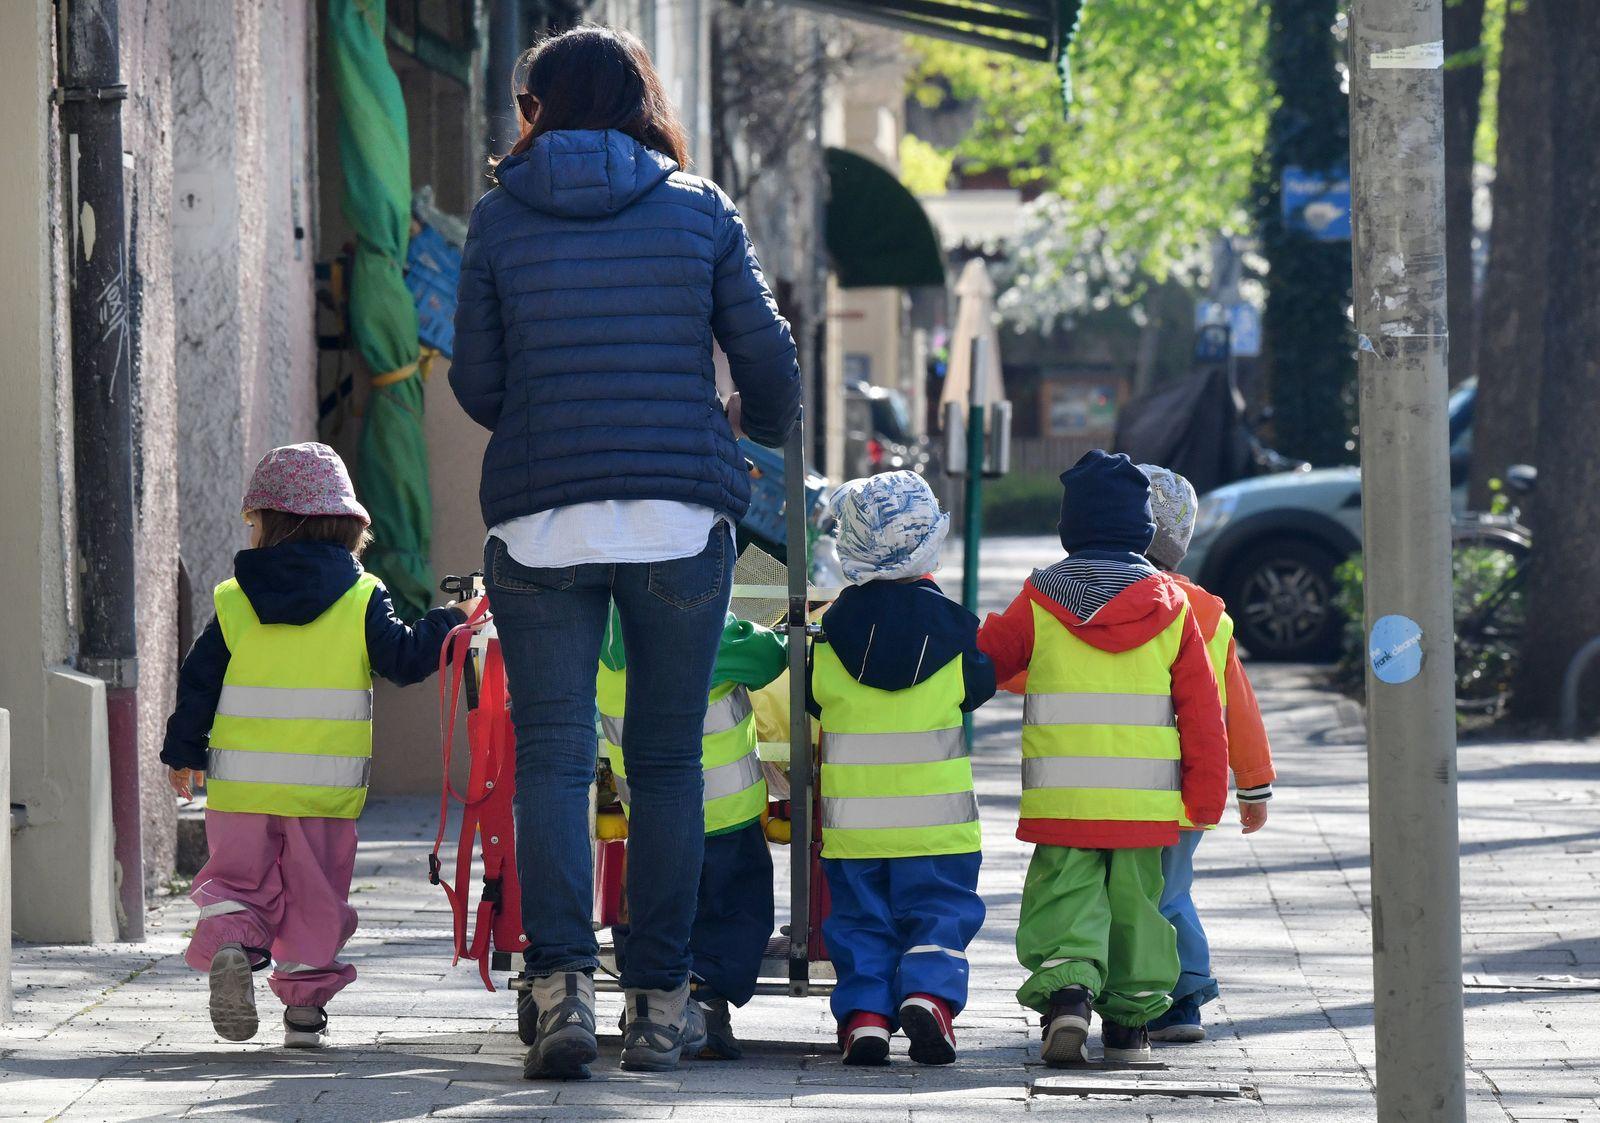 Ausflug mit Kita-Kindern